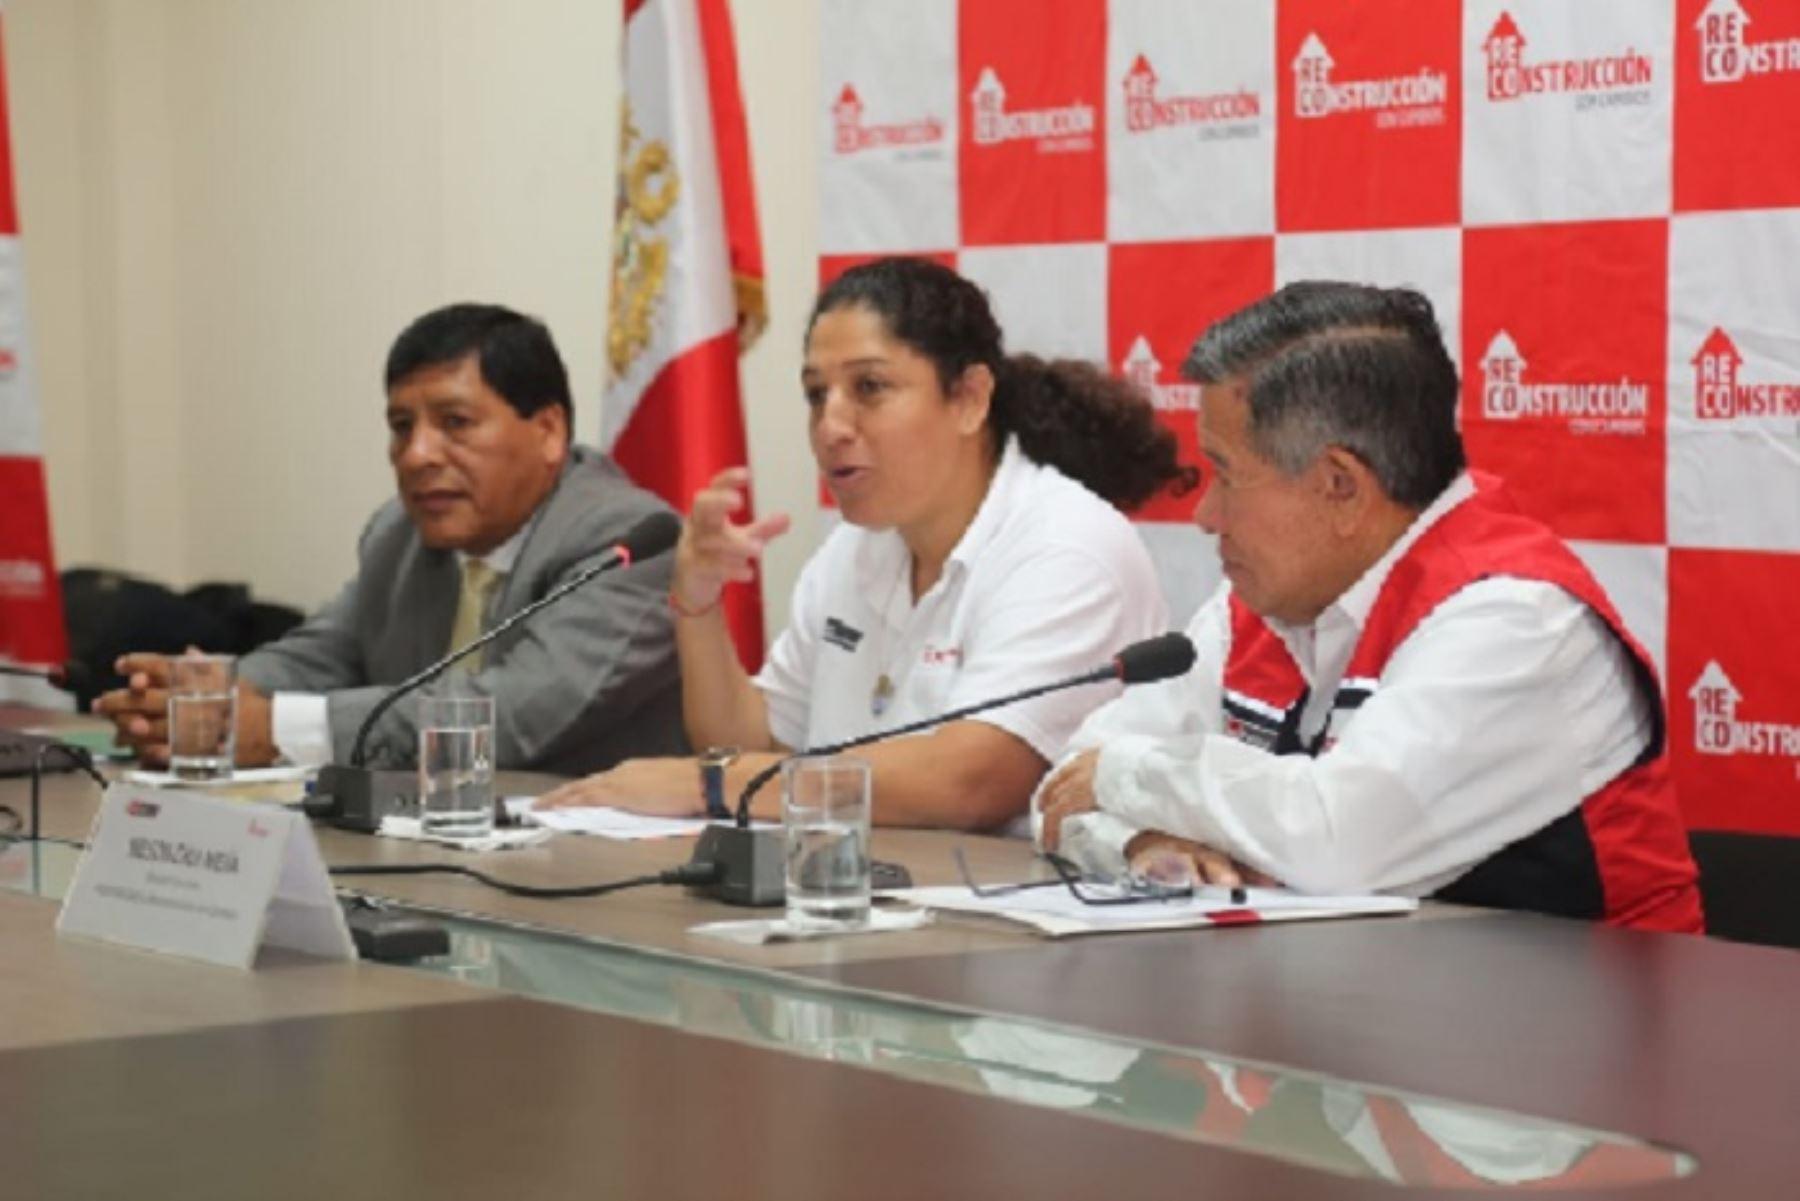 Durante una reunión con el gobernador regional y alcaldes de Ica, la ministra Fabiola Muñoz anunció la reestructuración total del Ministerio de Agricultura y Riego (Minagri) para mejorar la provisión de los servicios a los pequeños productores.